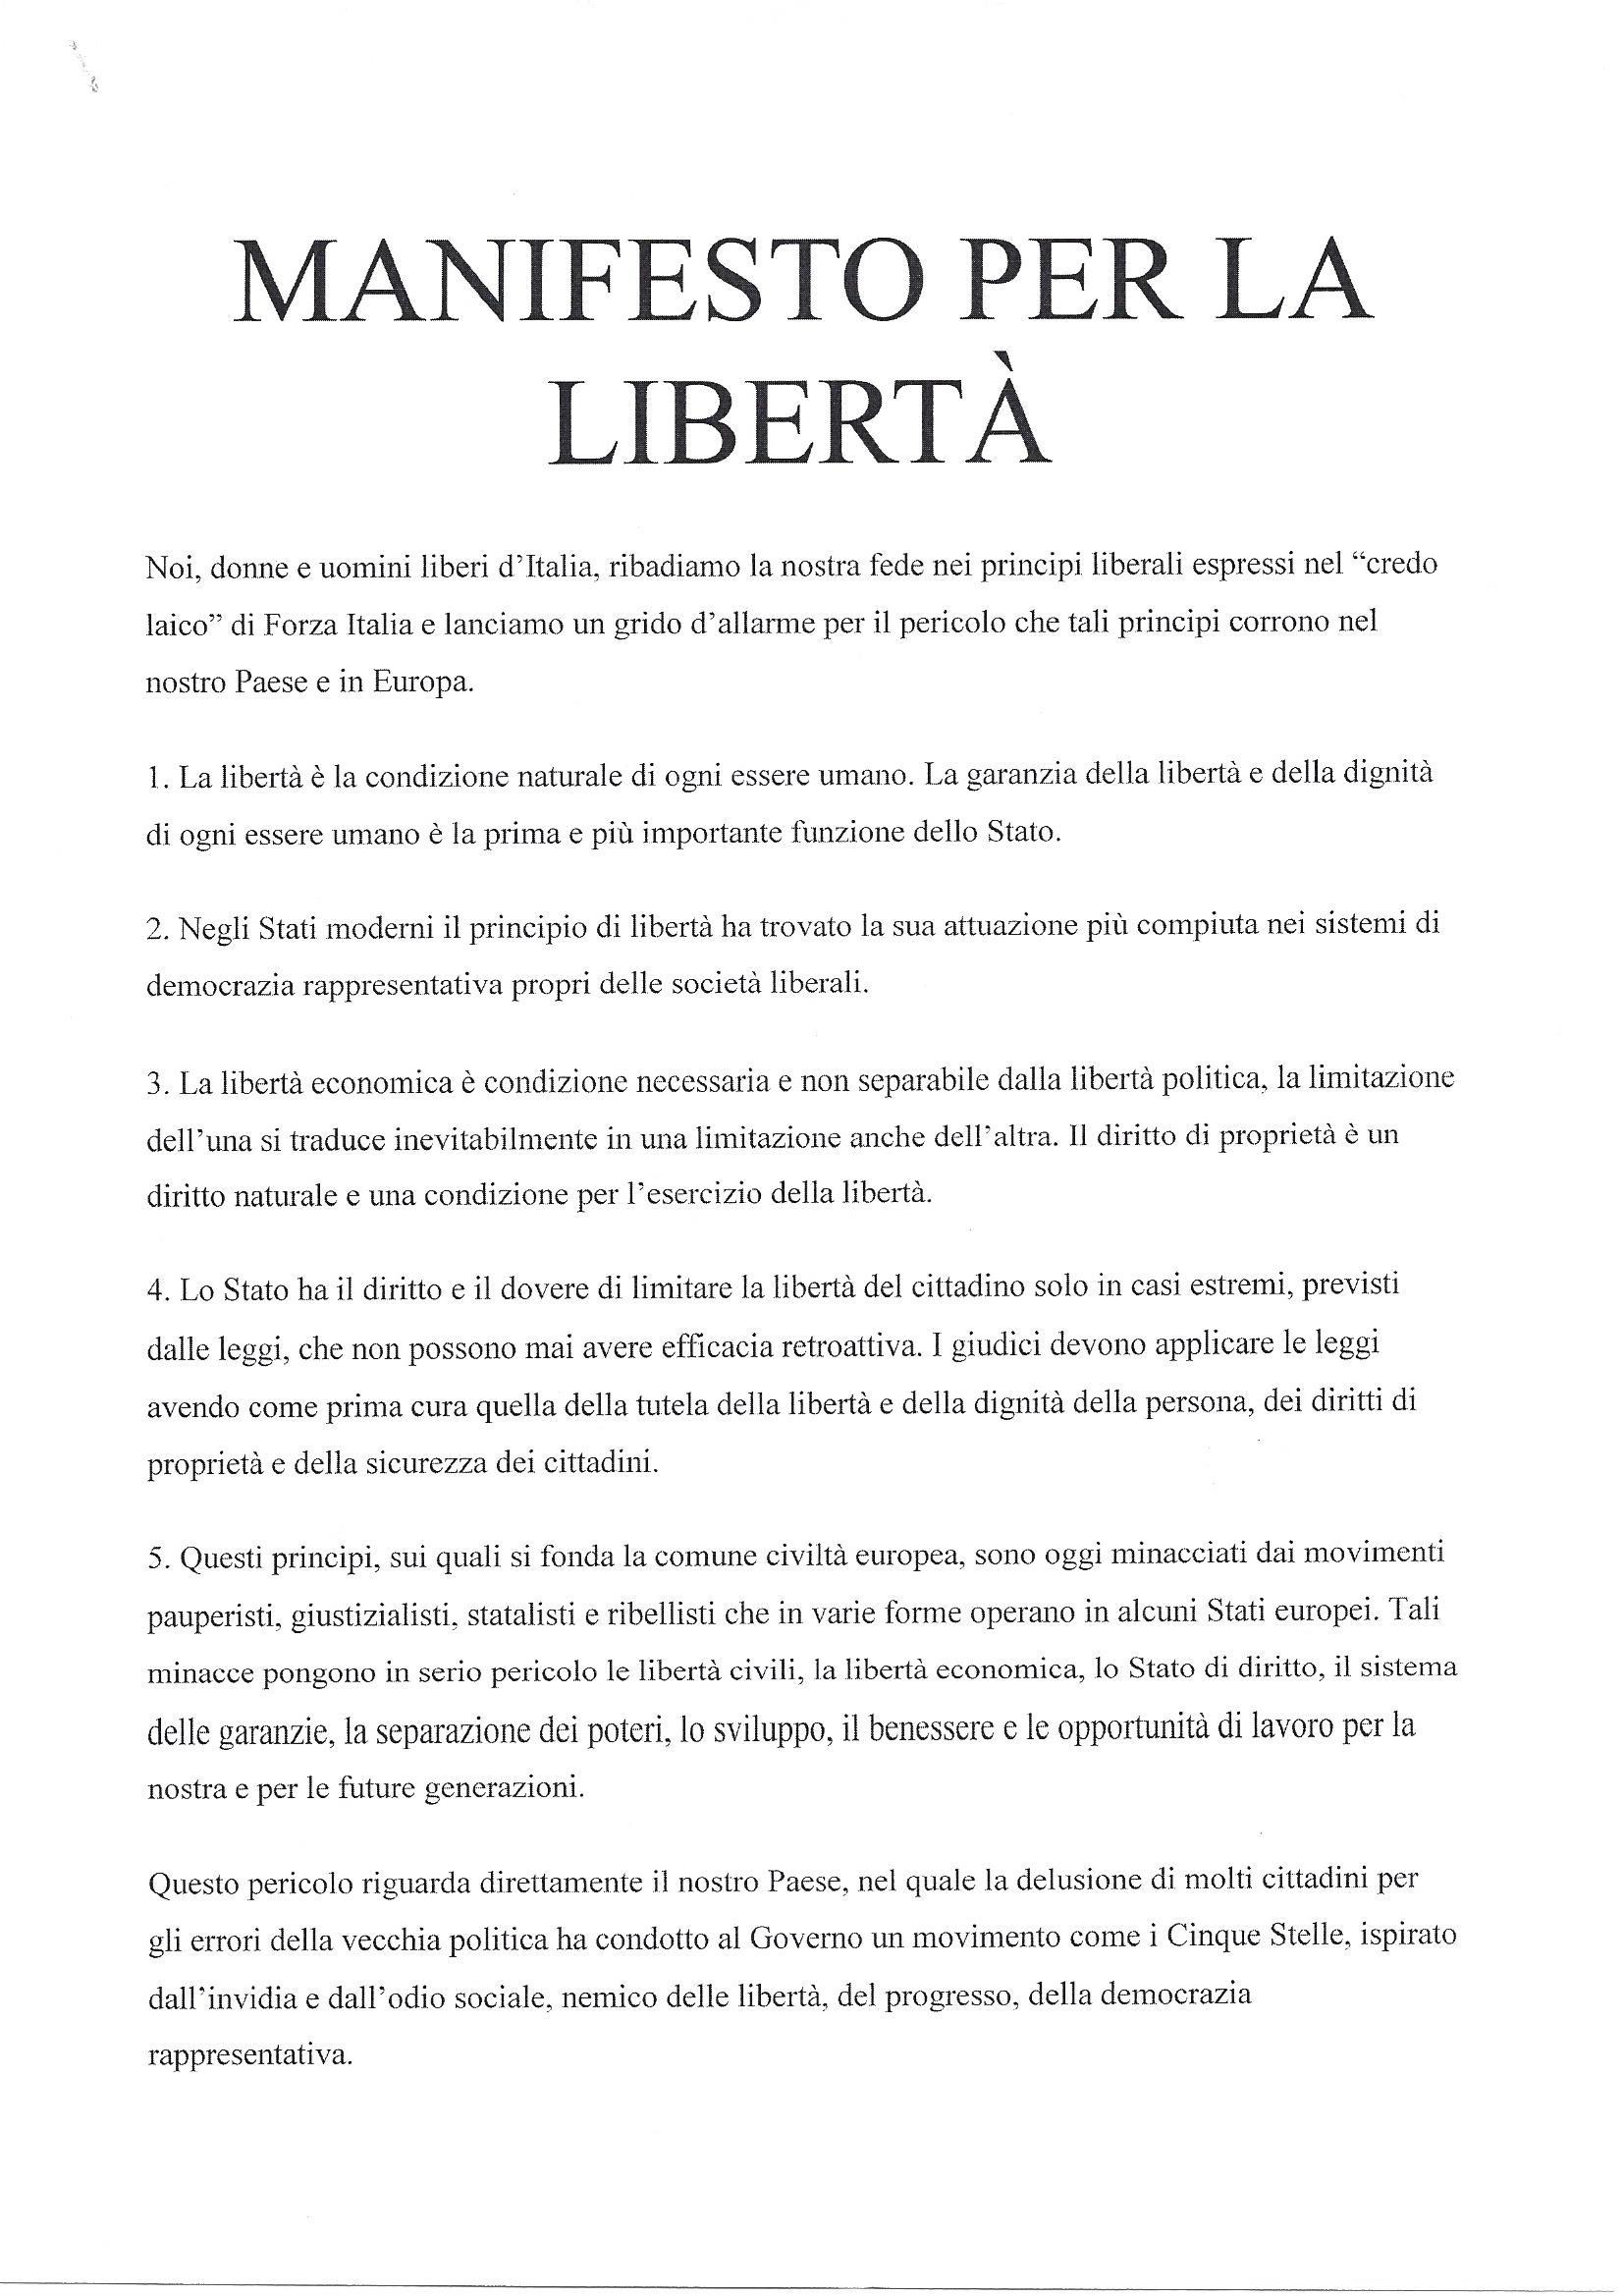 manifesto per la libertà_Pagina_01